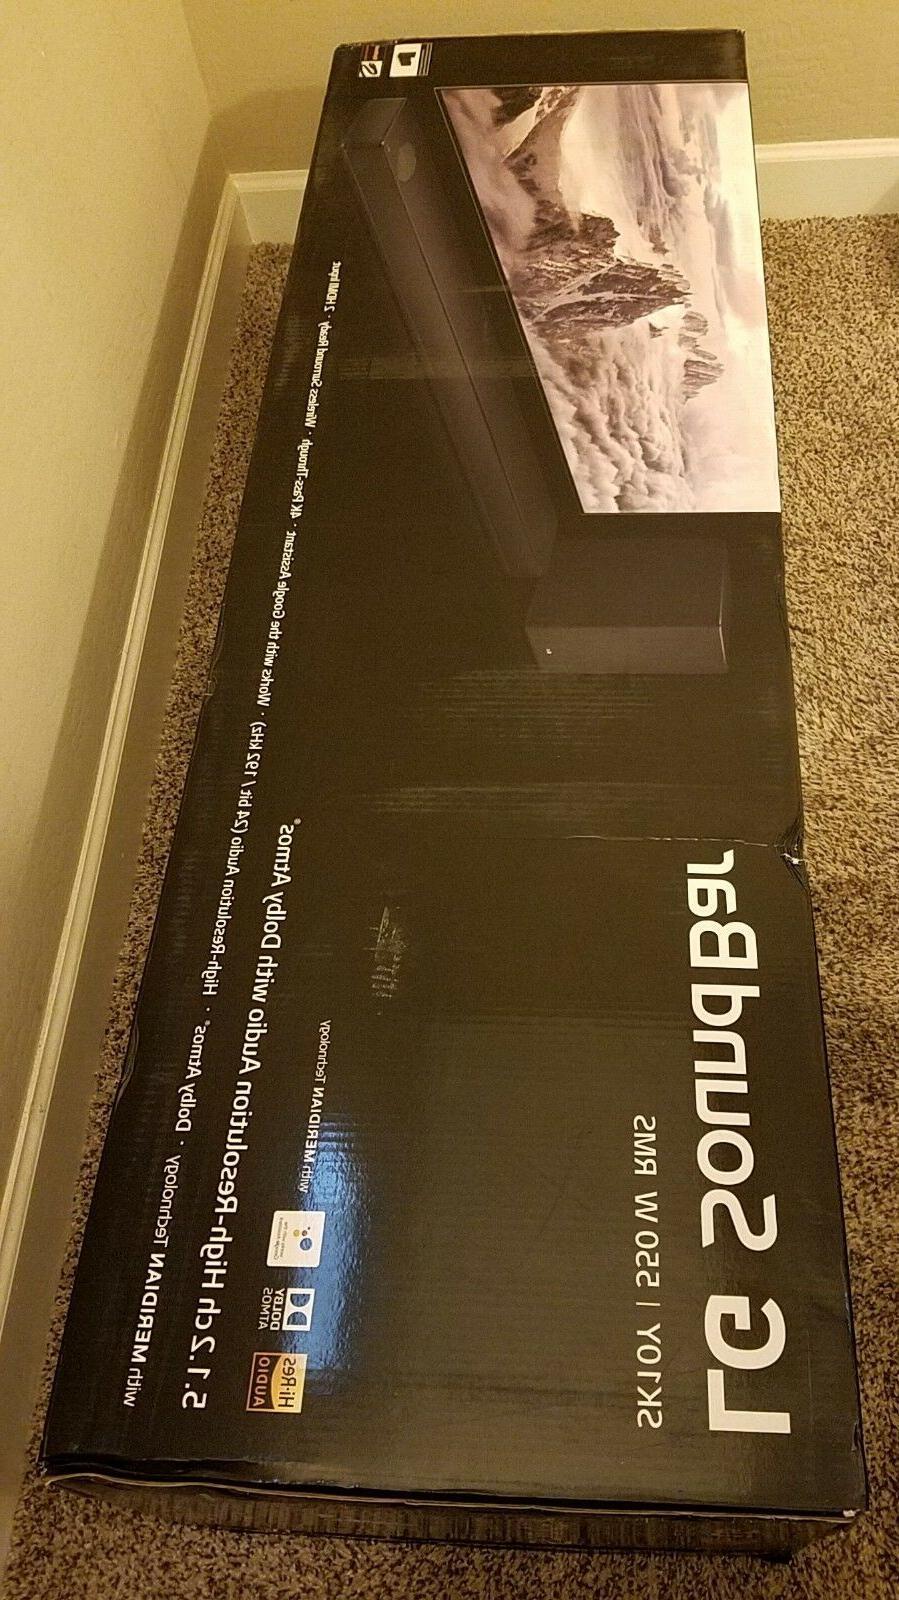 LG 5.1.2-Channel Audio Soundbar With Dolby Atmos